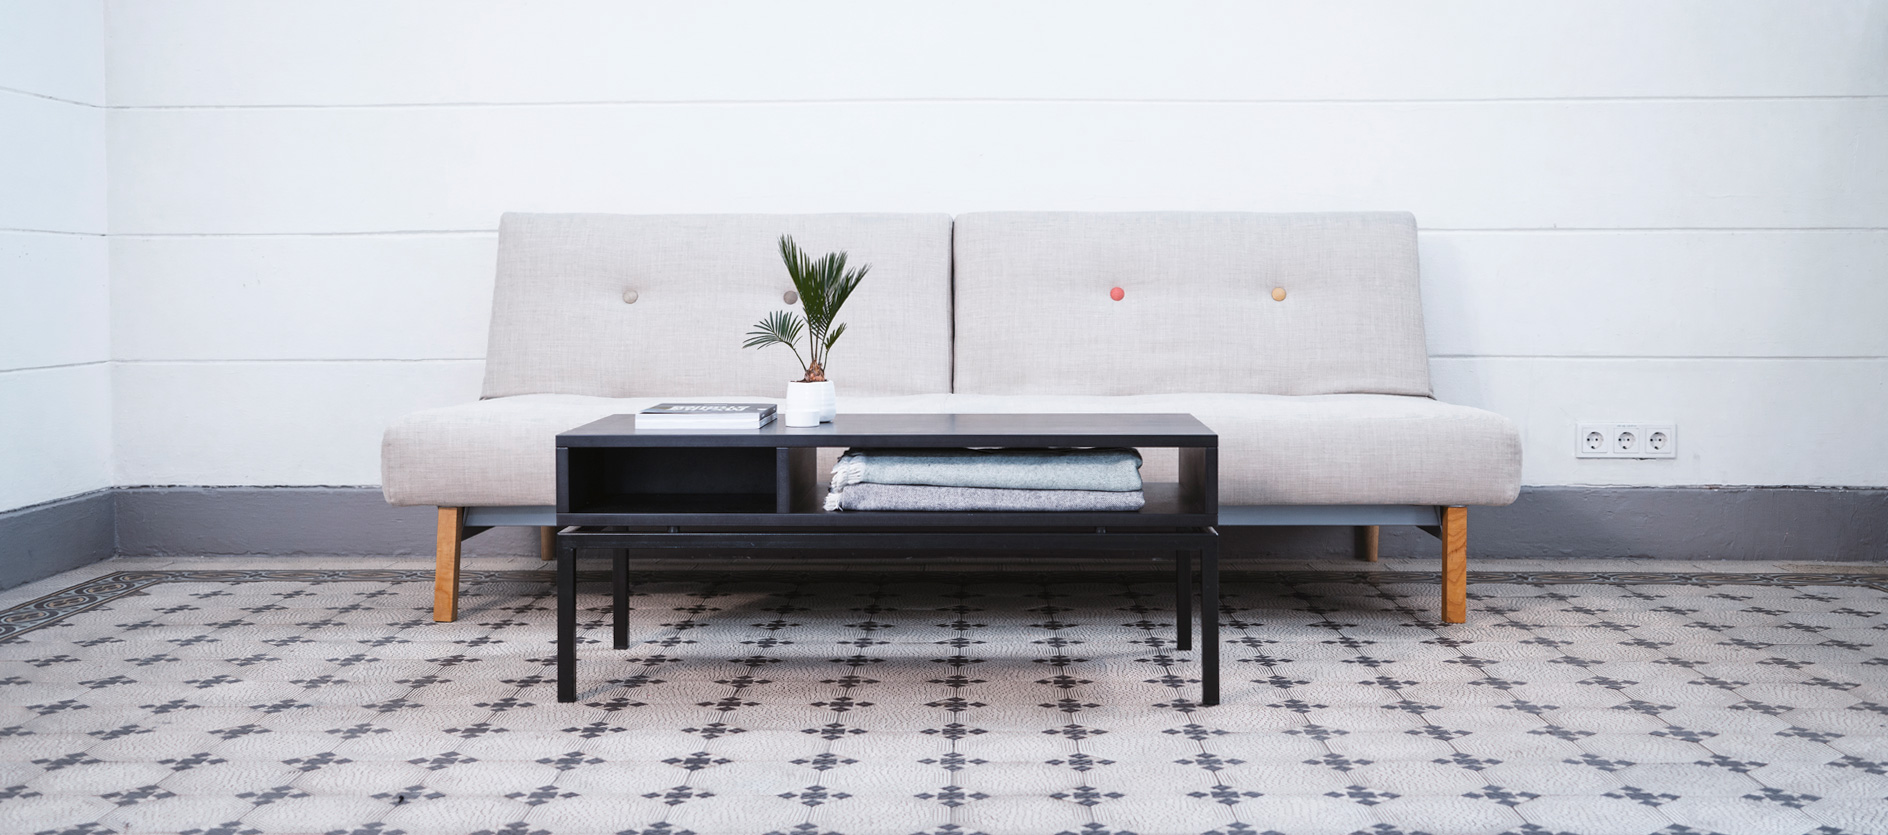 Roommate Furniture